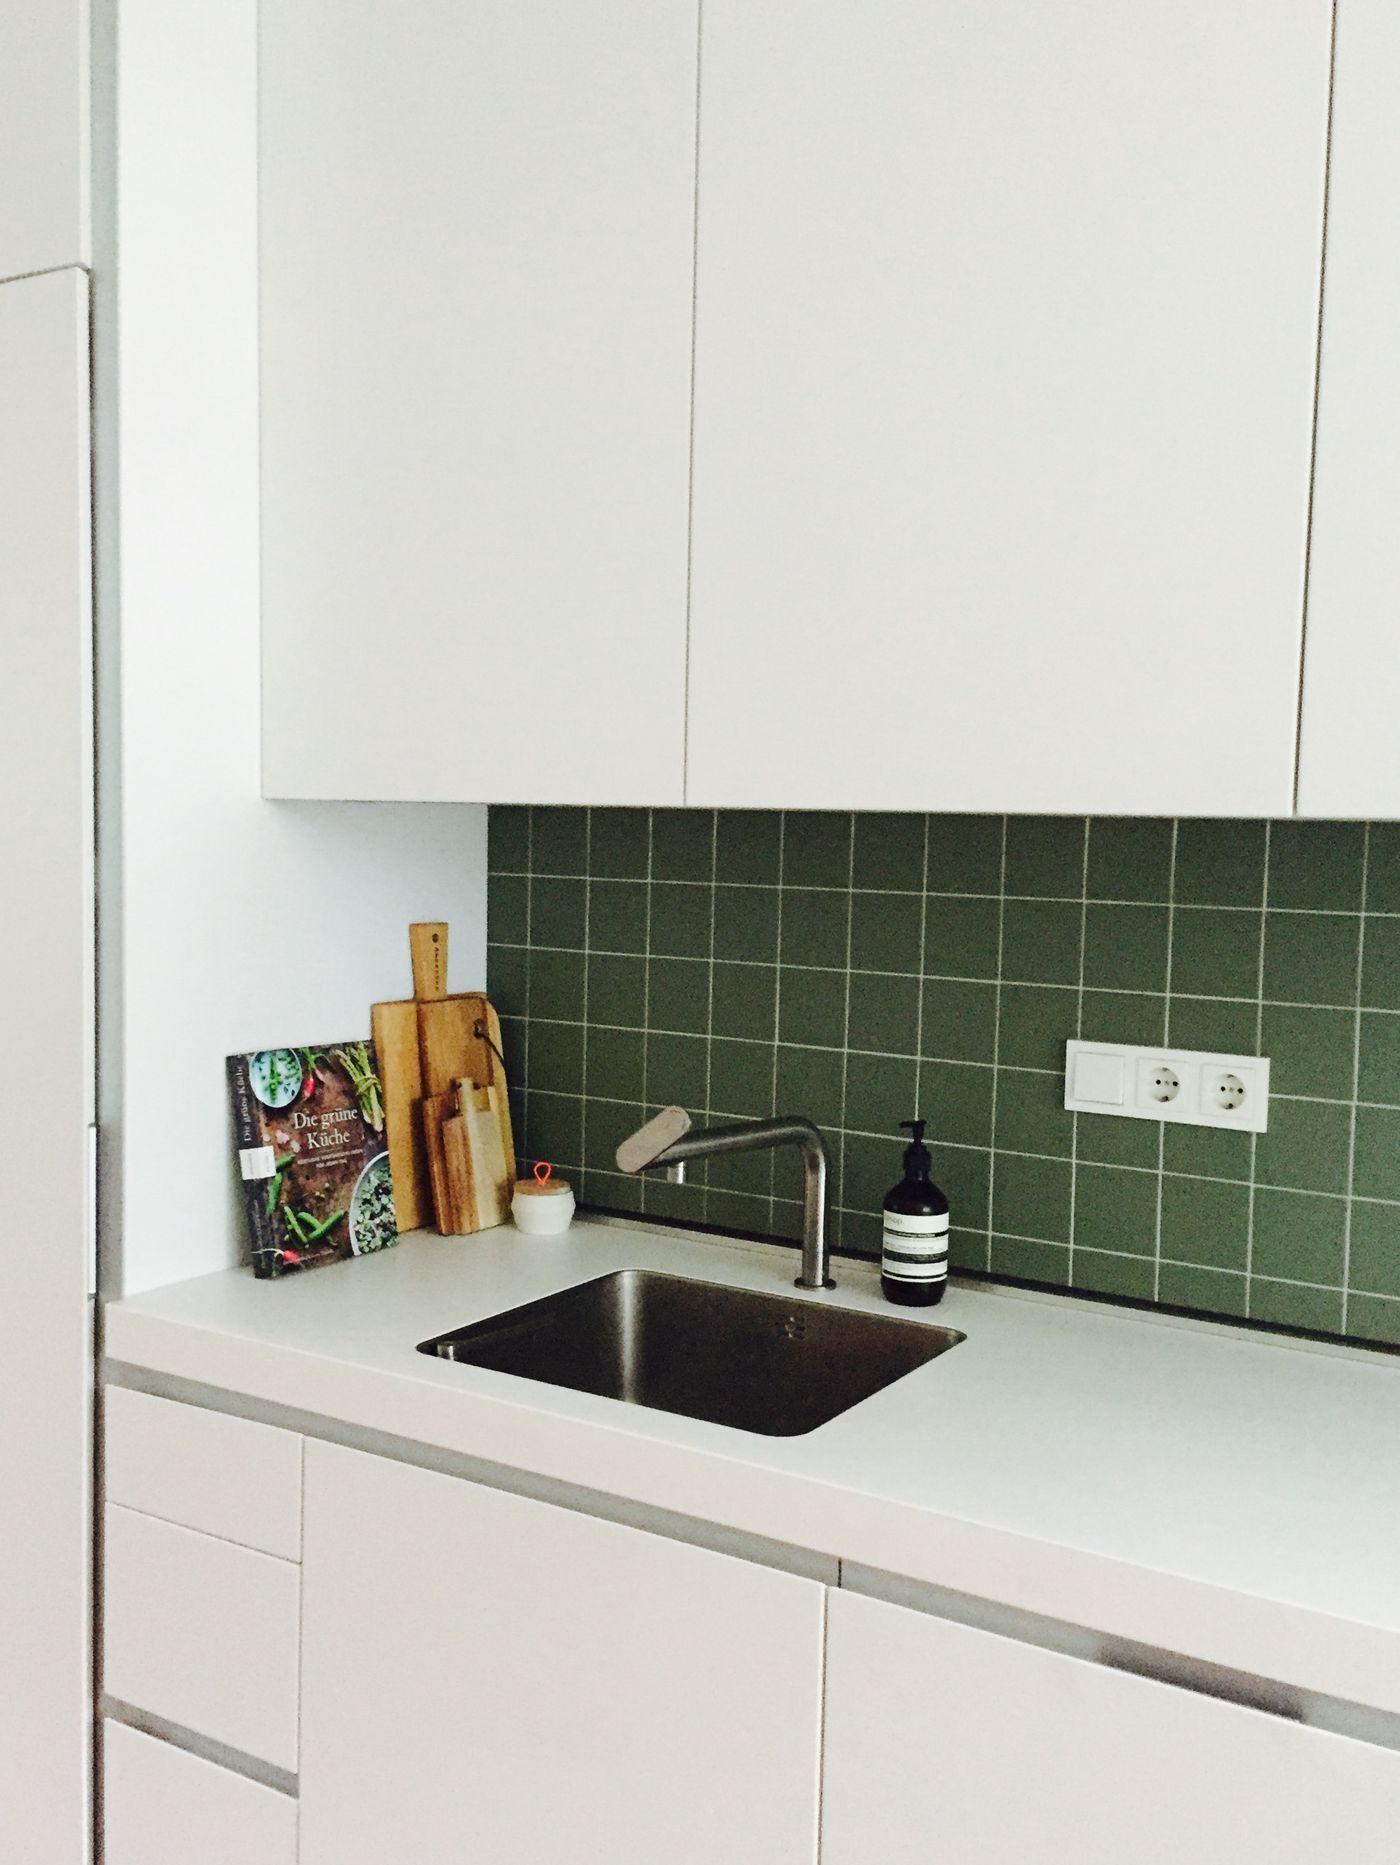 Beste Die Grüne Küche Ideen - Küche Set Ideen - deriherusweets.info